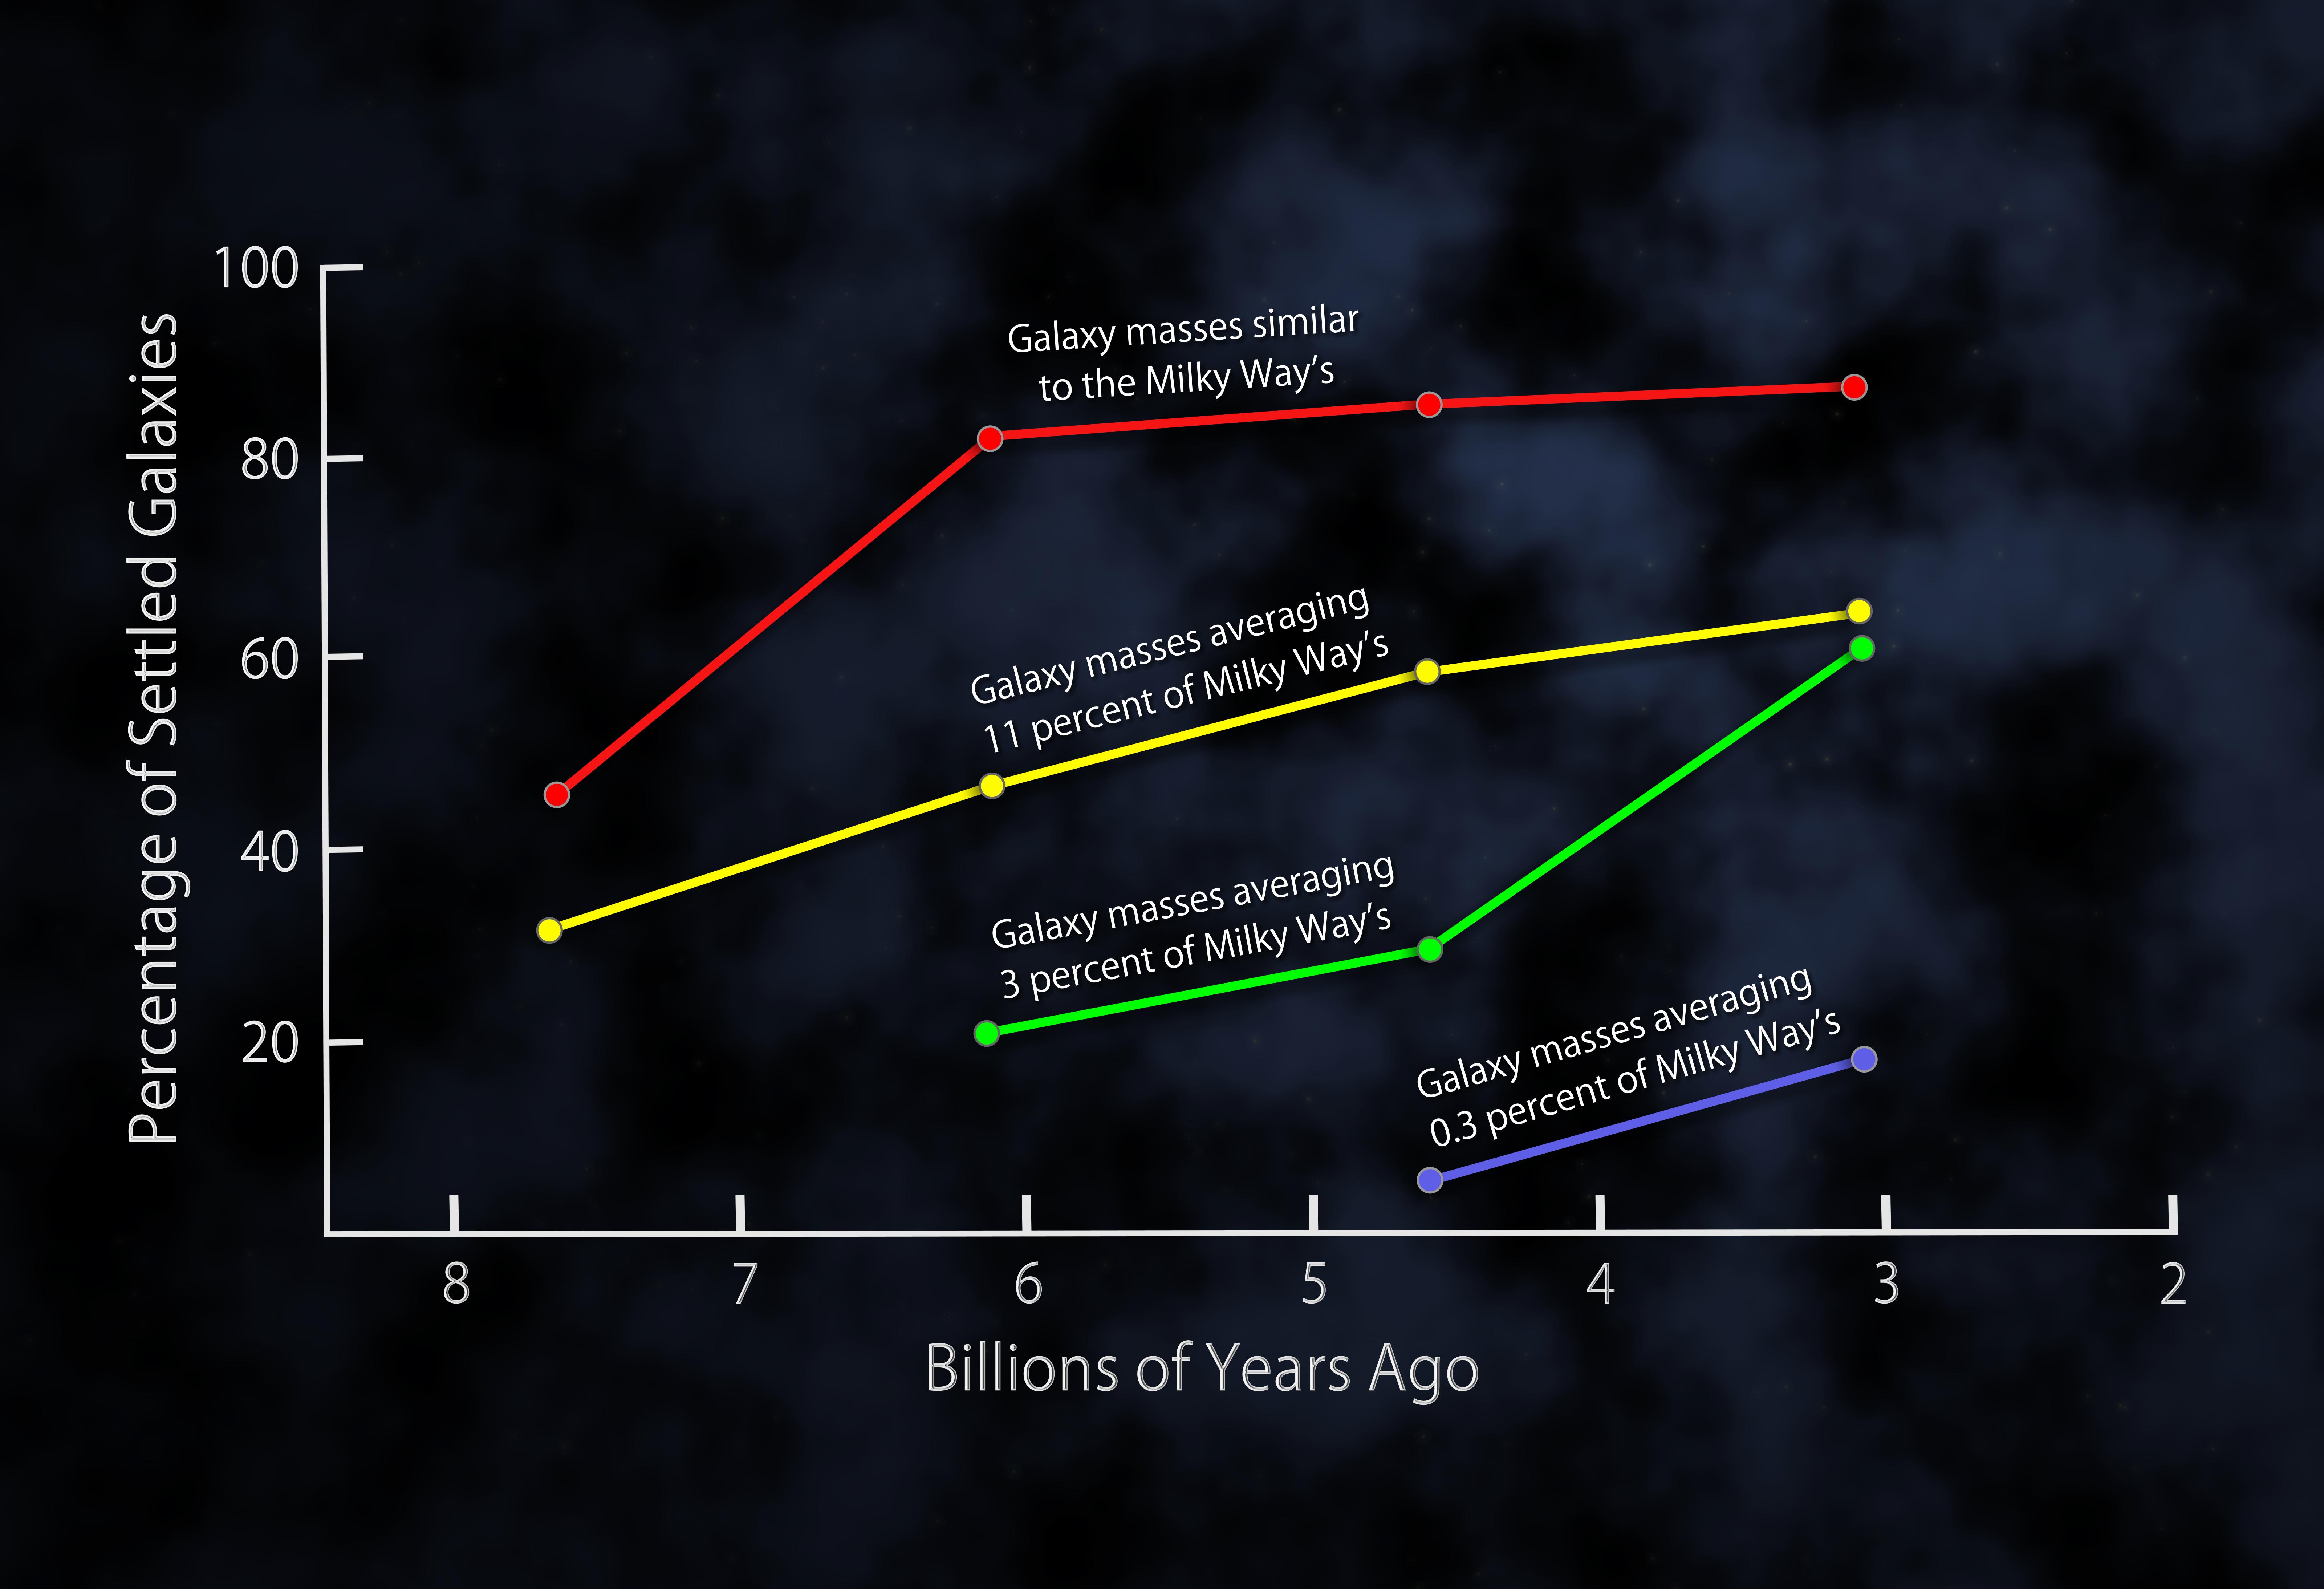 Astrónomos descubren una sorprendente tendencia en la evolu